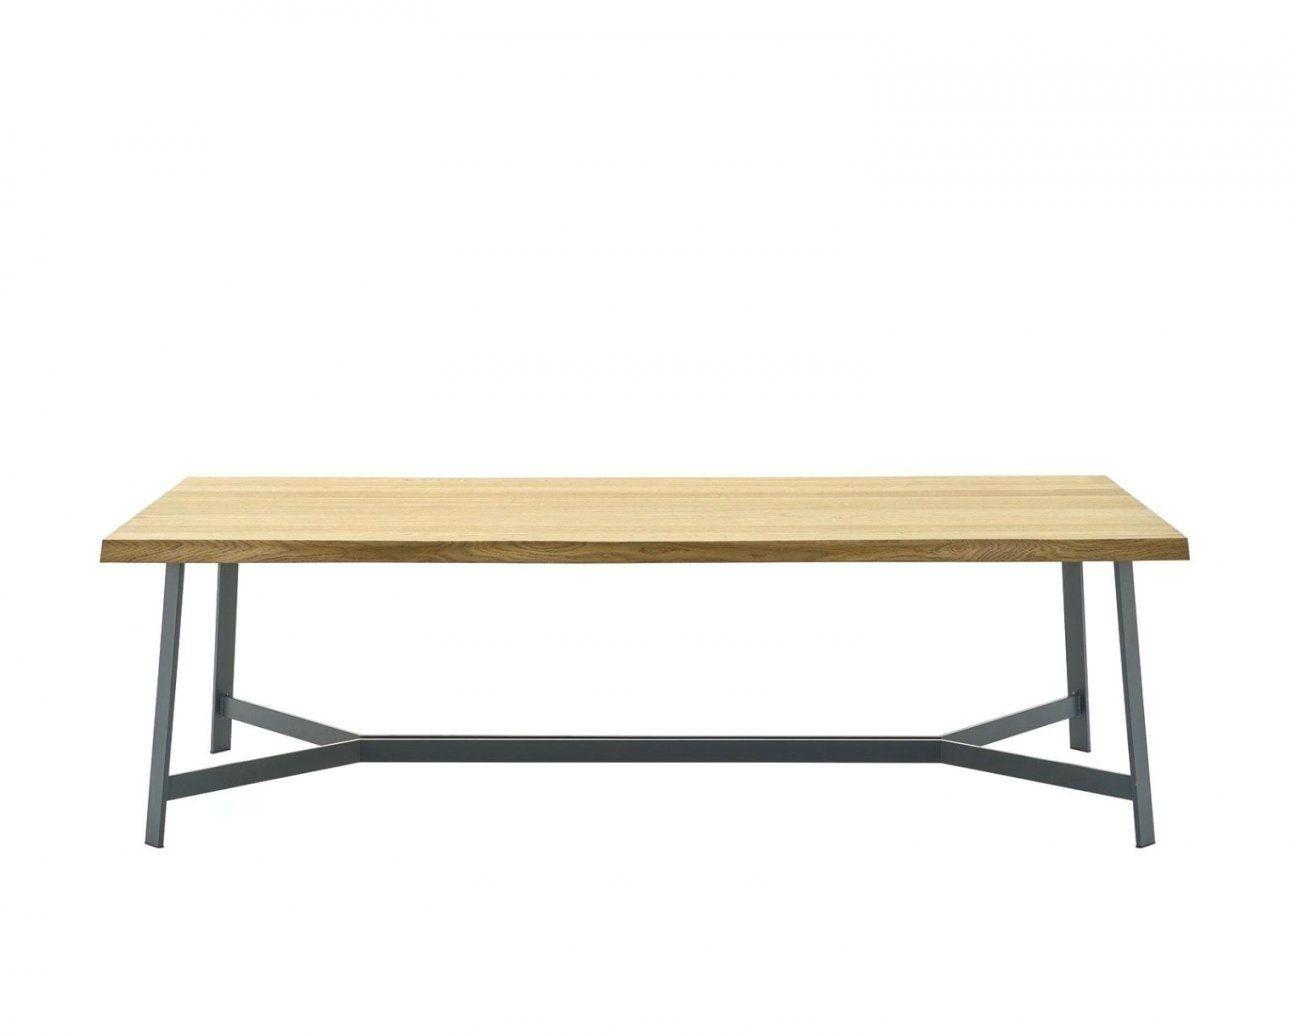 49 genial tisch mit metallgestell bilder tische ideen von tisch mit metallgestell und holzplatte. Black Bedroom Furniture Sets. Home Design Ideas